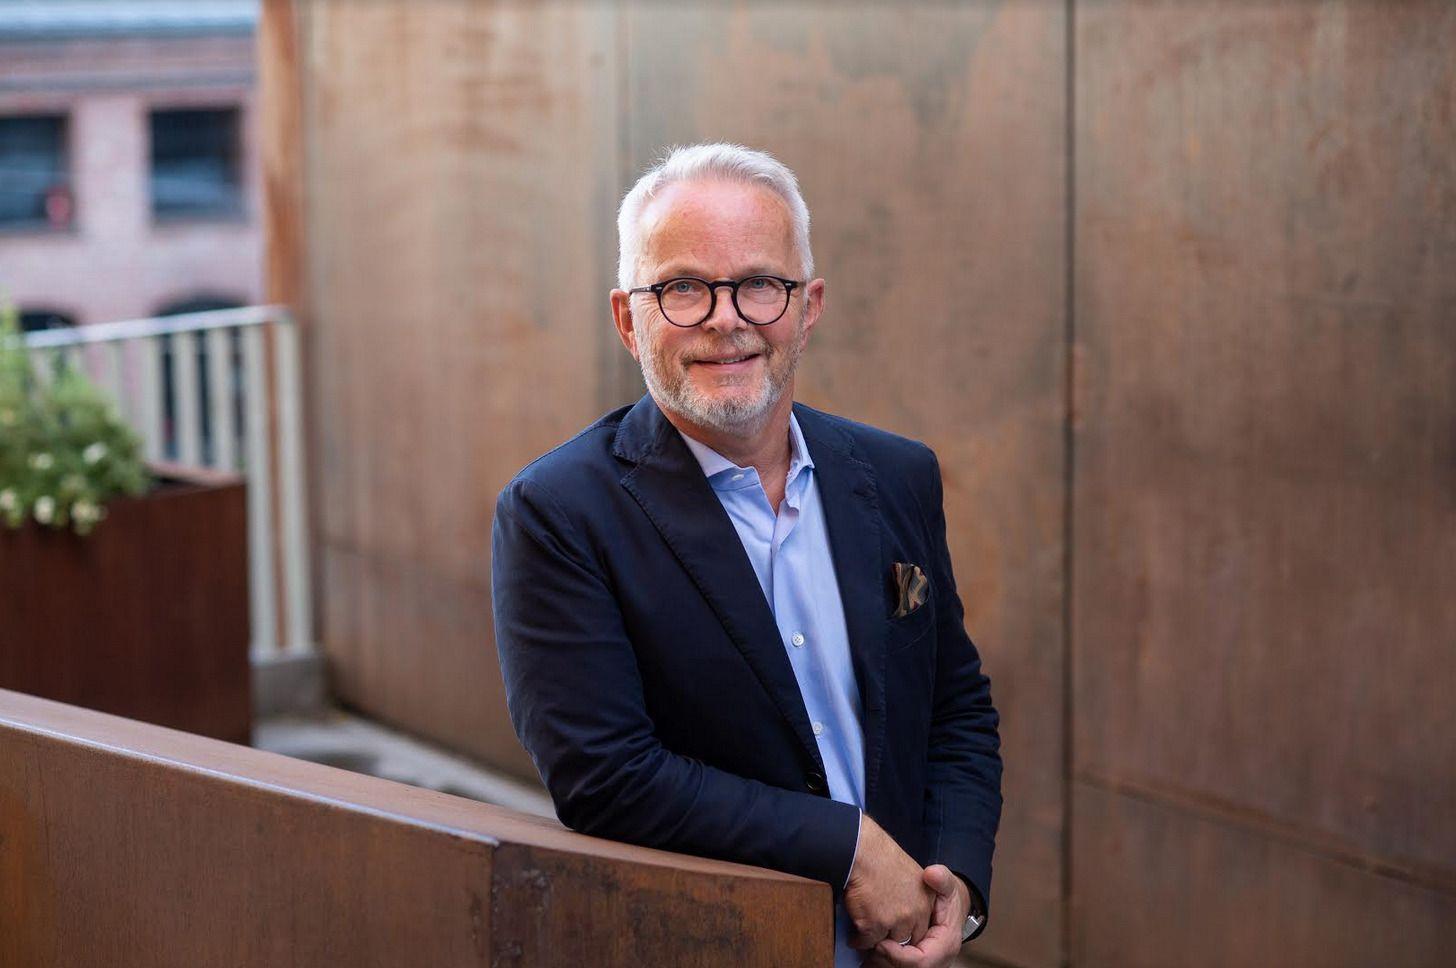 – VI HAR ØYNER OG ØRER ÅPNE: Med verdijustert egenkapital på elleve milliarder kroner og en forkastet plan om å kjøpe NRK-tomten, speider Aspelin Ramm nå etter nye prosjekter.